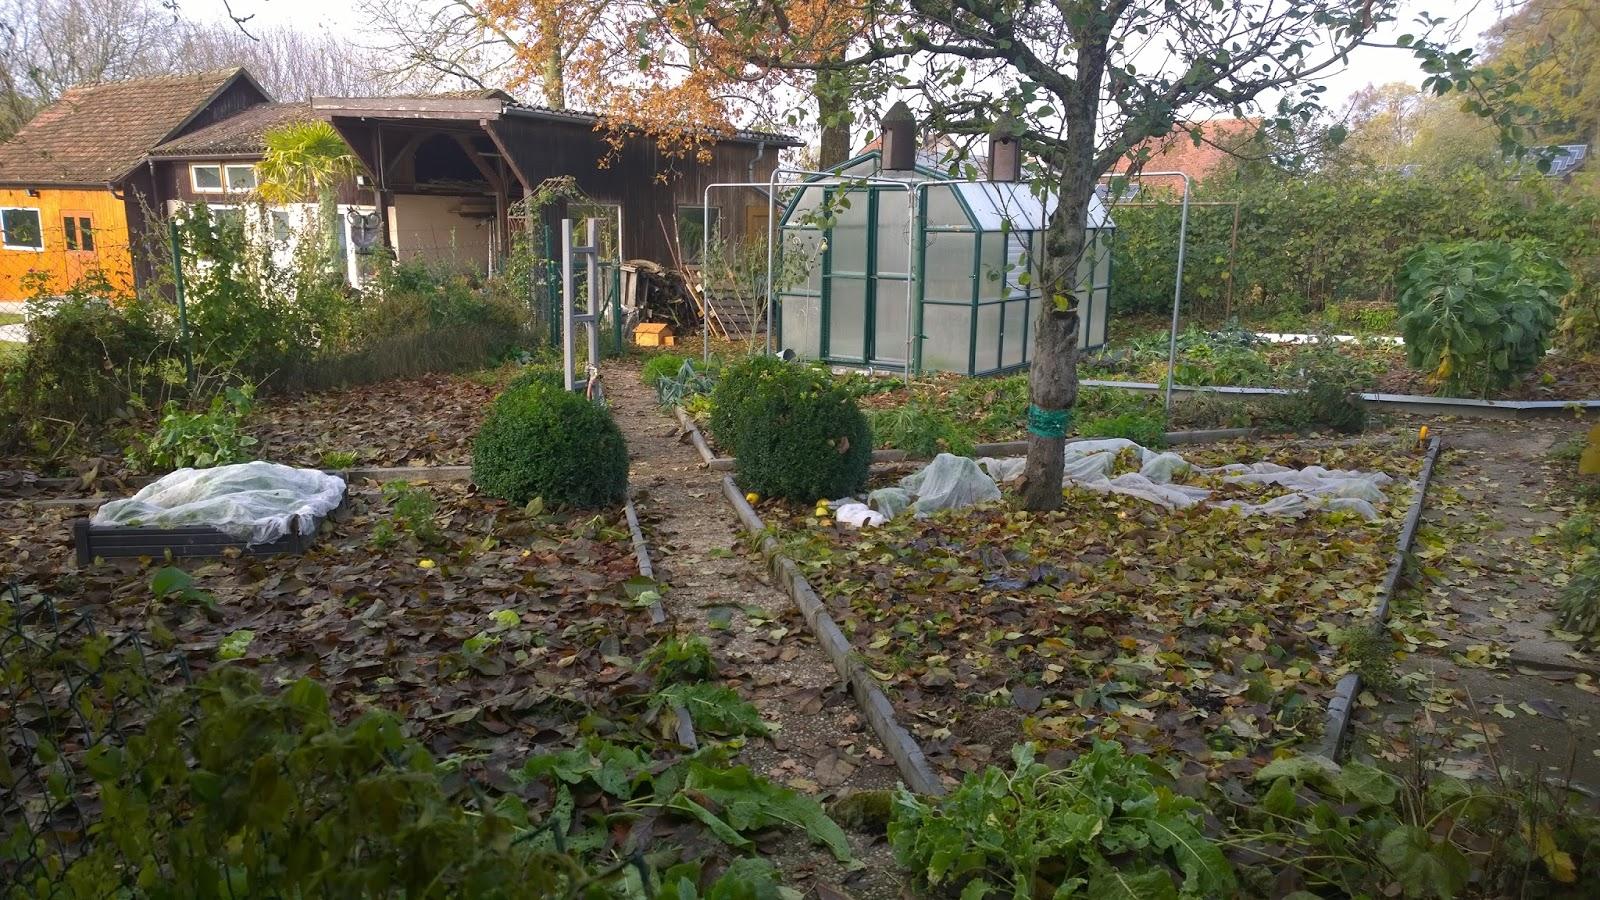 achimsgarten der selbstversorger und garten blog eigenes frisches gem se aus dem novembergarten. Black Bedroom Furniture Sets. Home Design Ideas